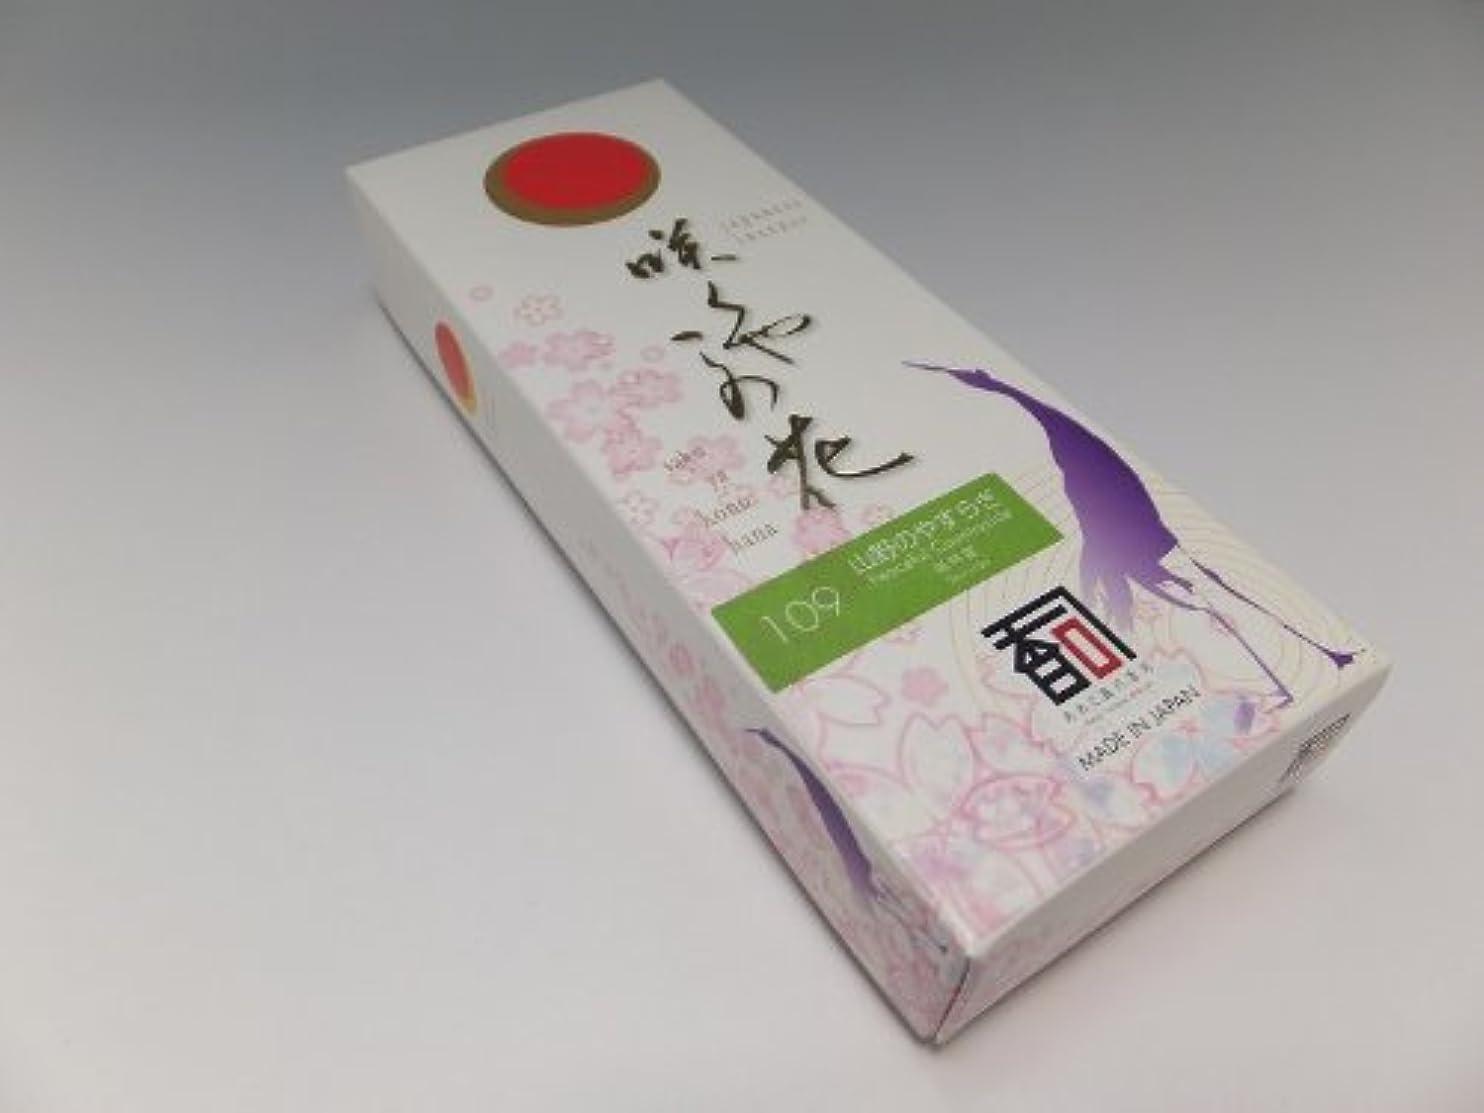 グリップ動かす甘くする「あわじ島の香司」 日本の香りシリーズ  [咲くや この花] 【109】 山野のやすらぎ (有煙)